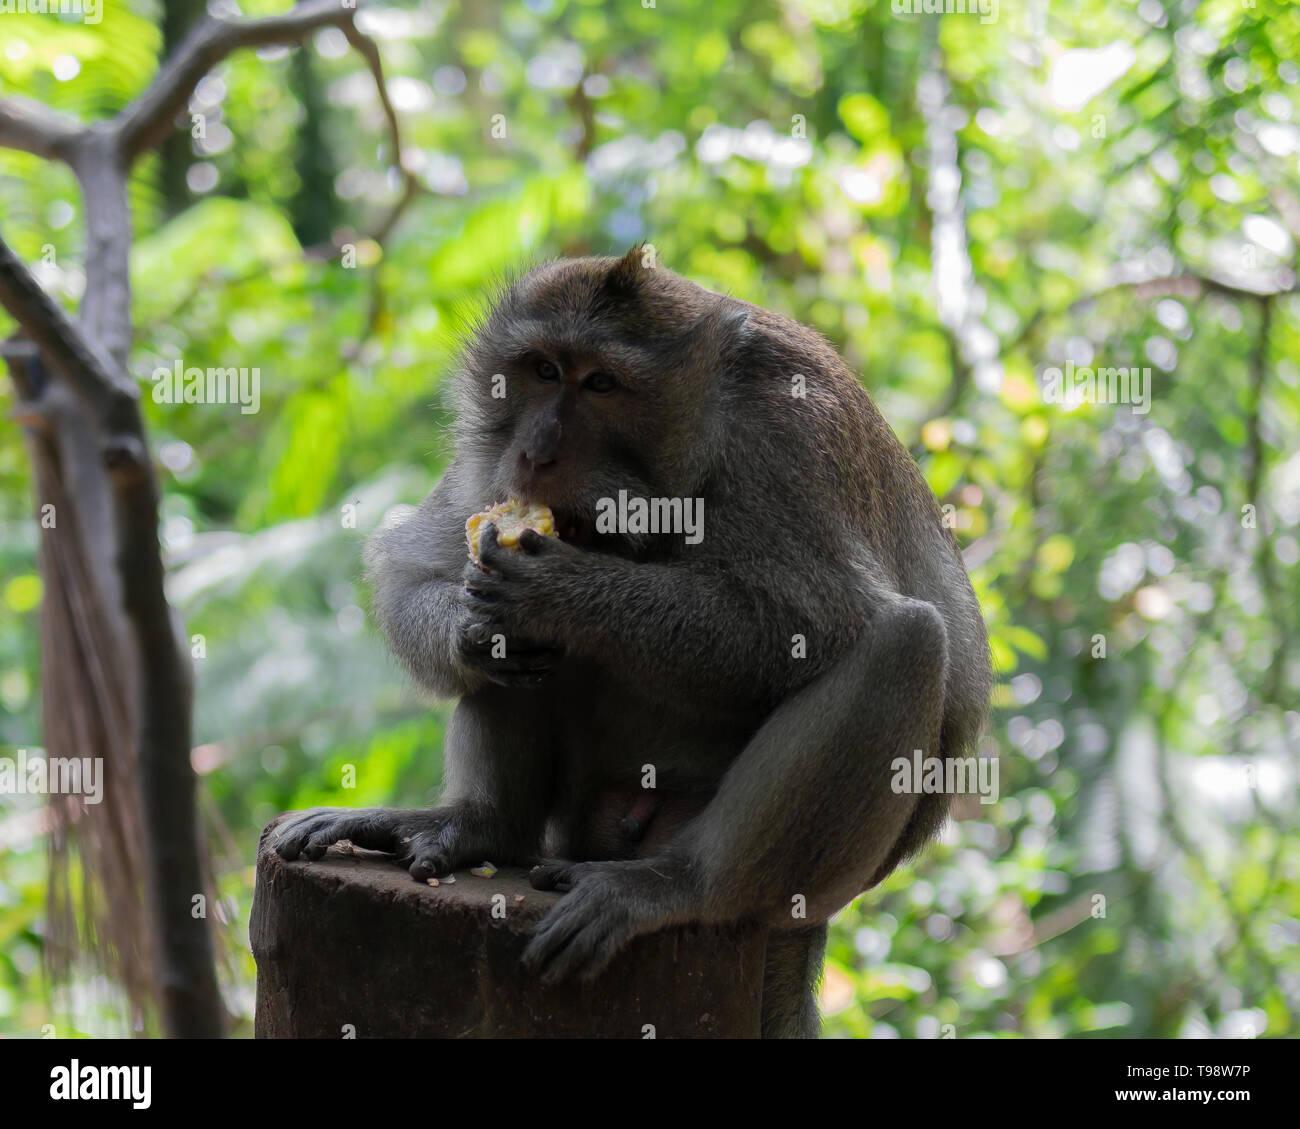 Adult monkey sitting on a log eating corn. Monkey Forest, Ubud, Bali, Indonesia. - Stock Image